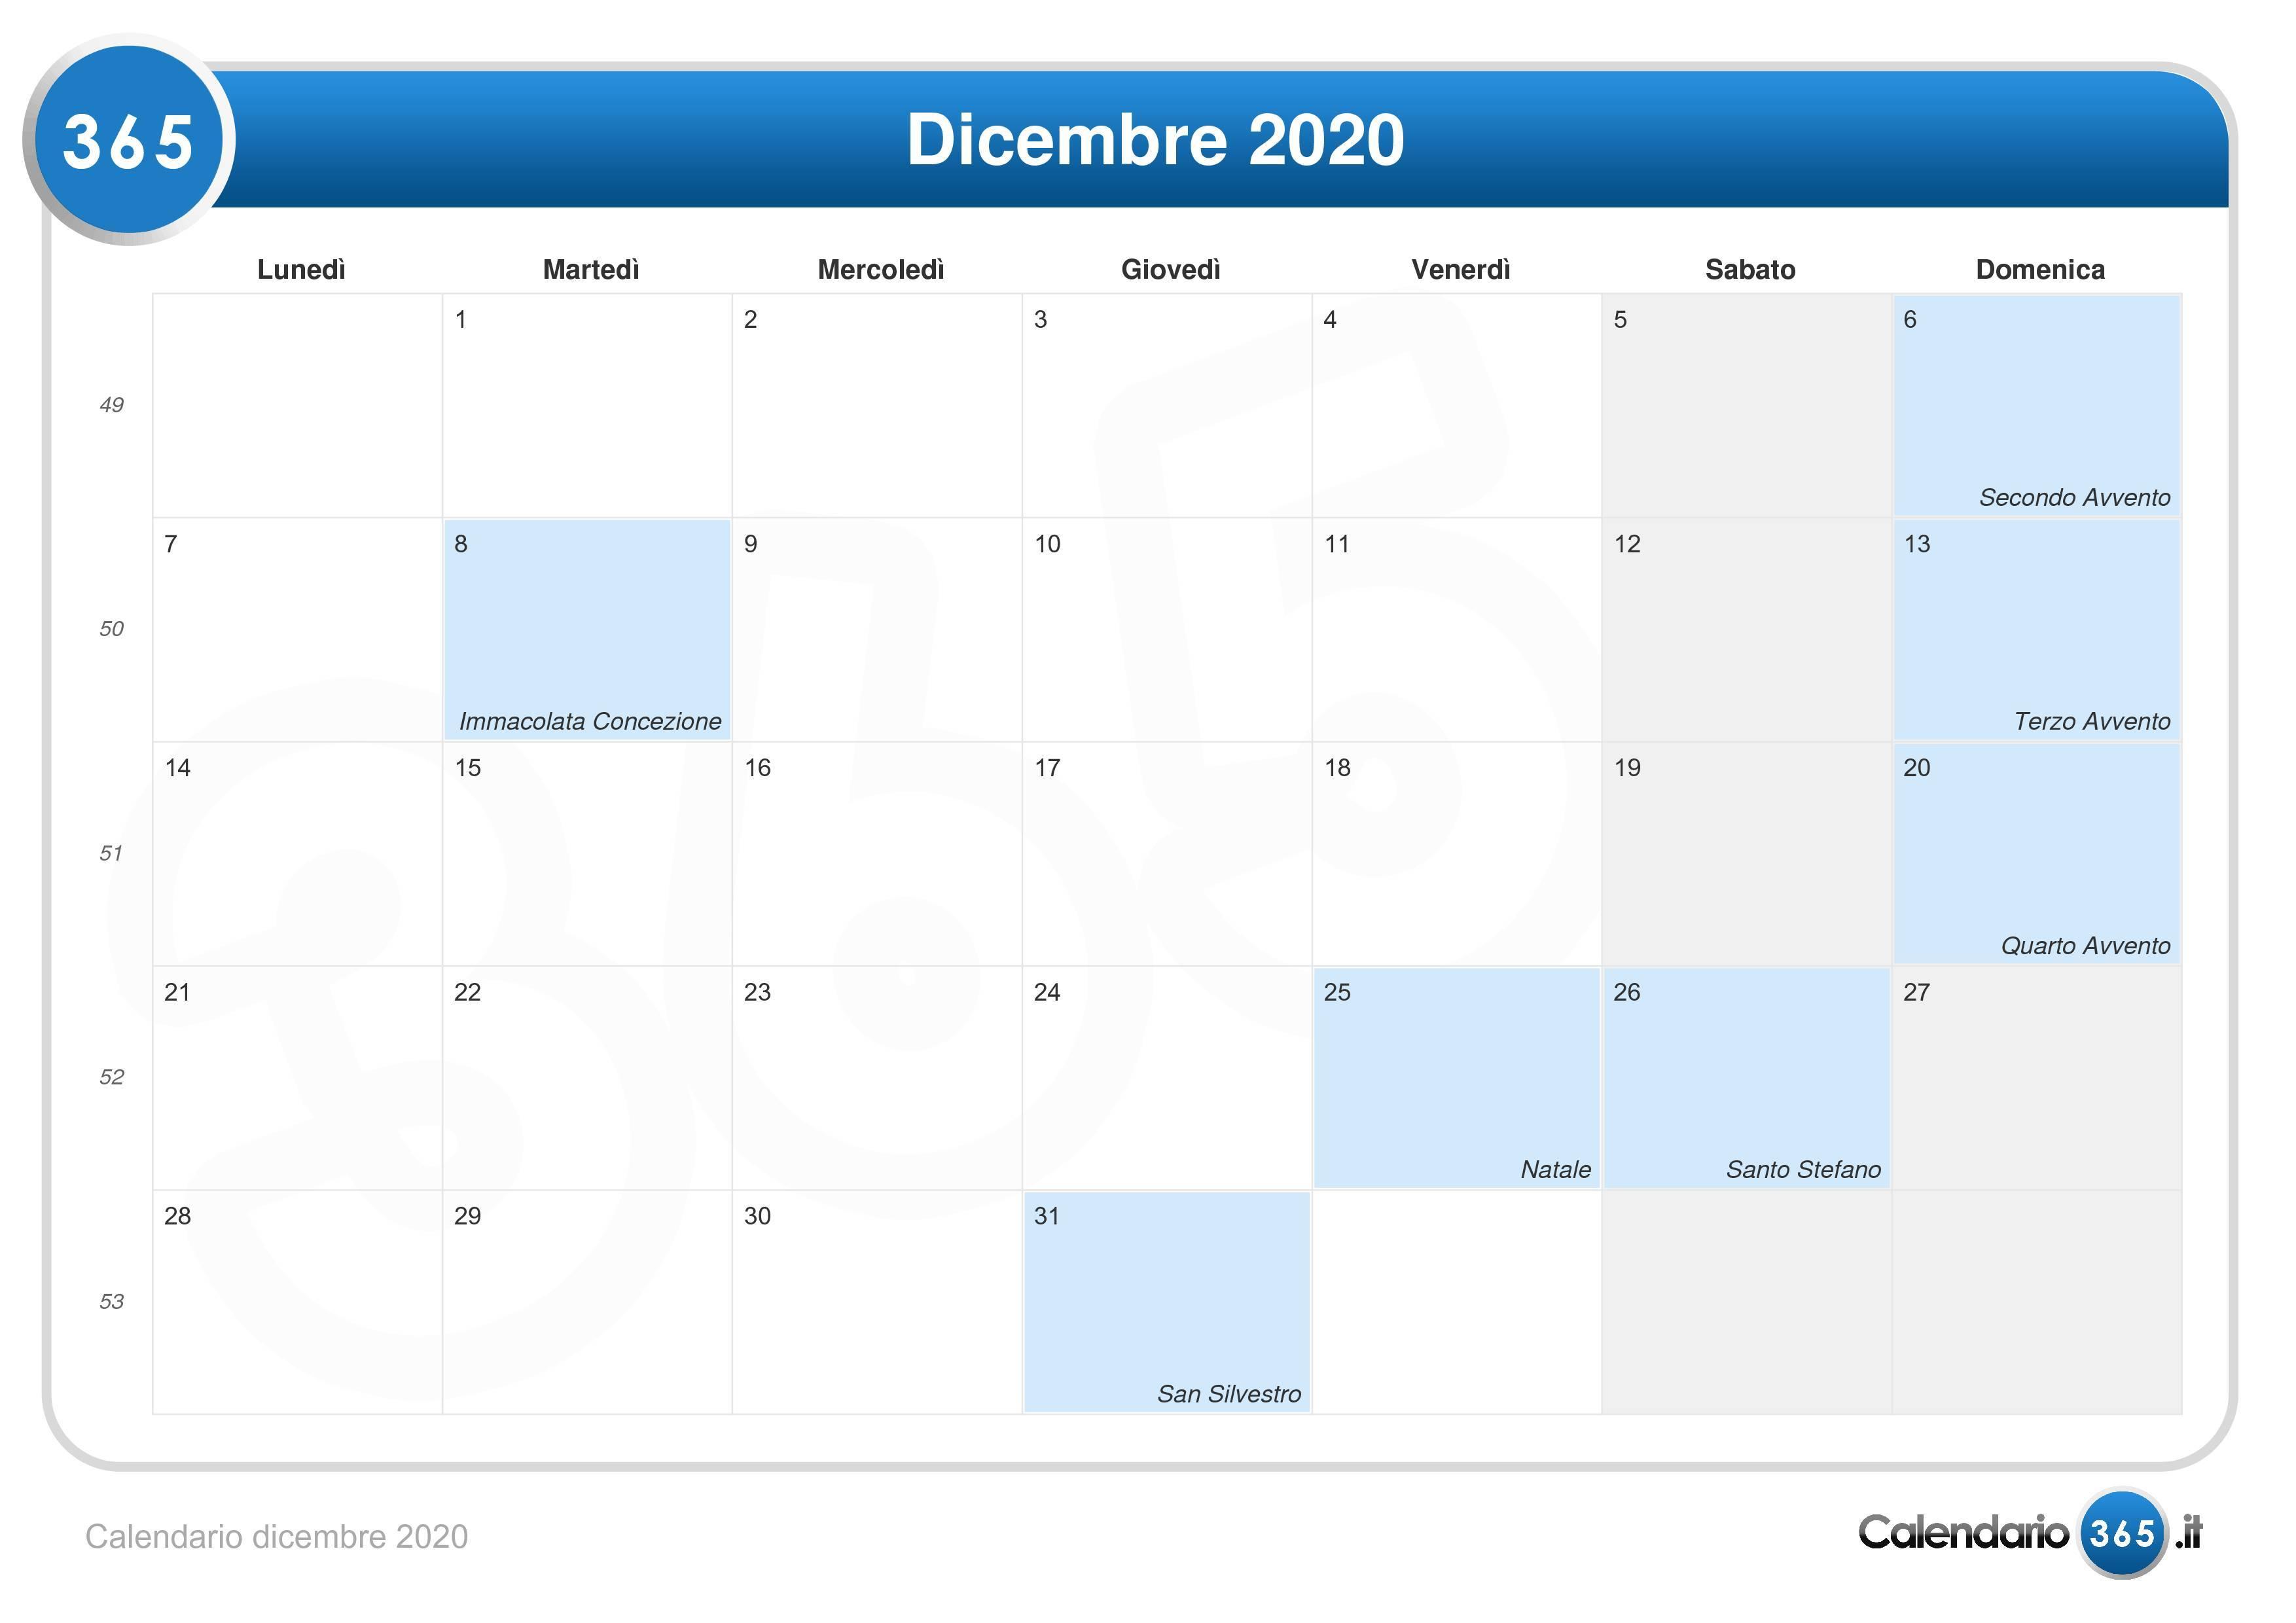 Calendario Laboral 2020 Palma De Mallorca.Calendario Nba 2020 19 Calendario Nba 2020 19 Calendario